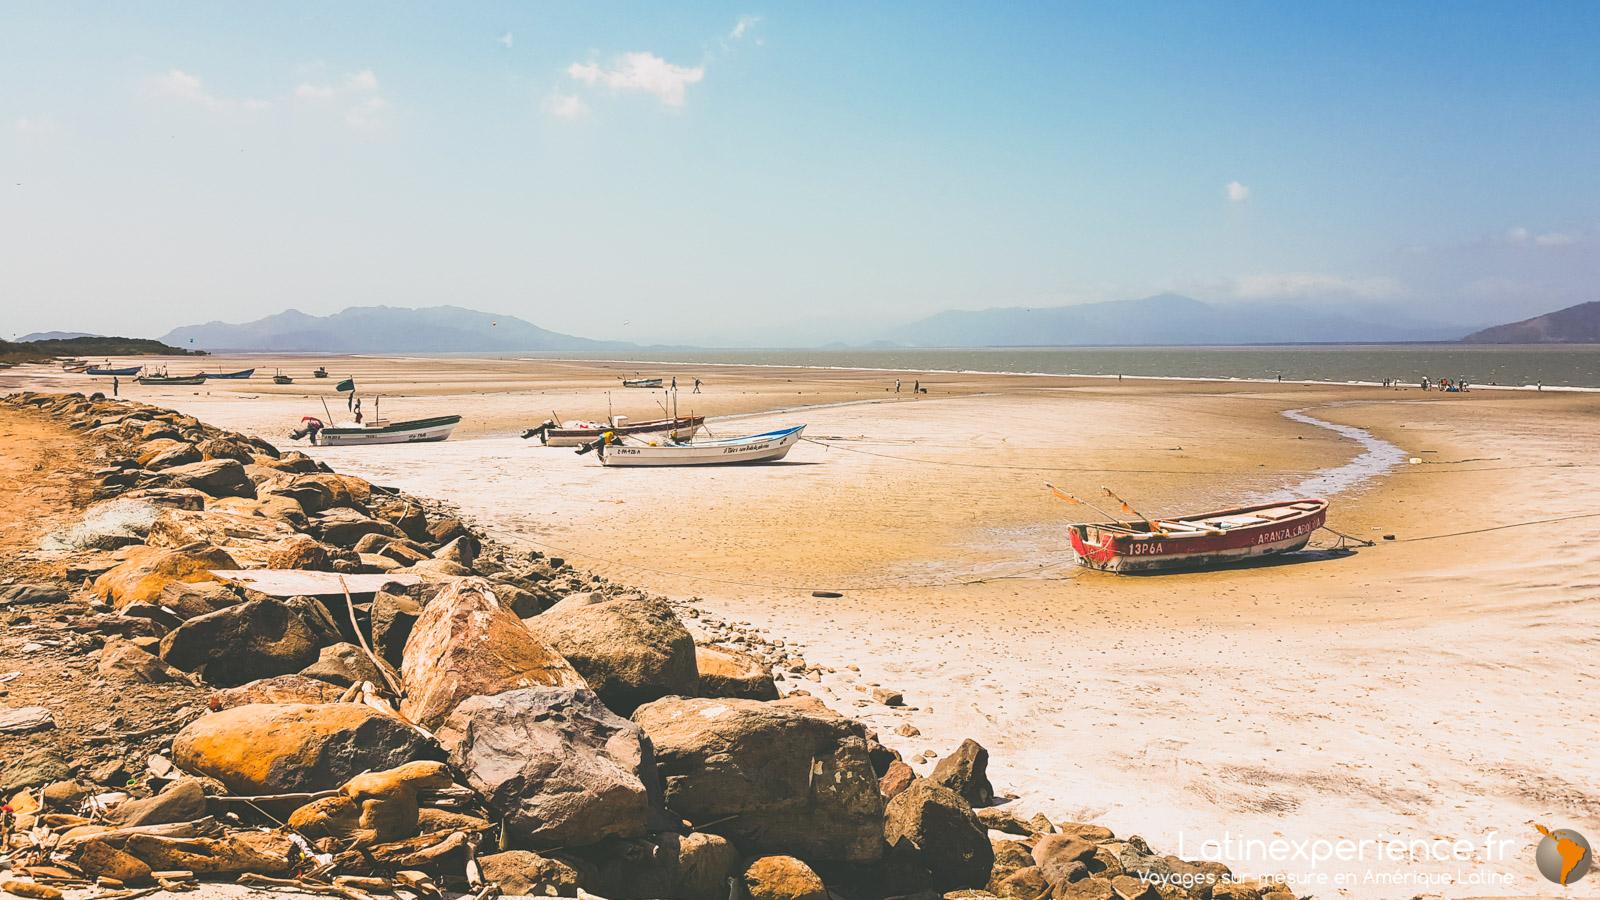 Panama - Punta Chame - Plage - Latinexperience voyages